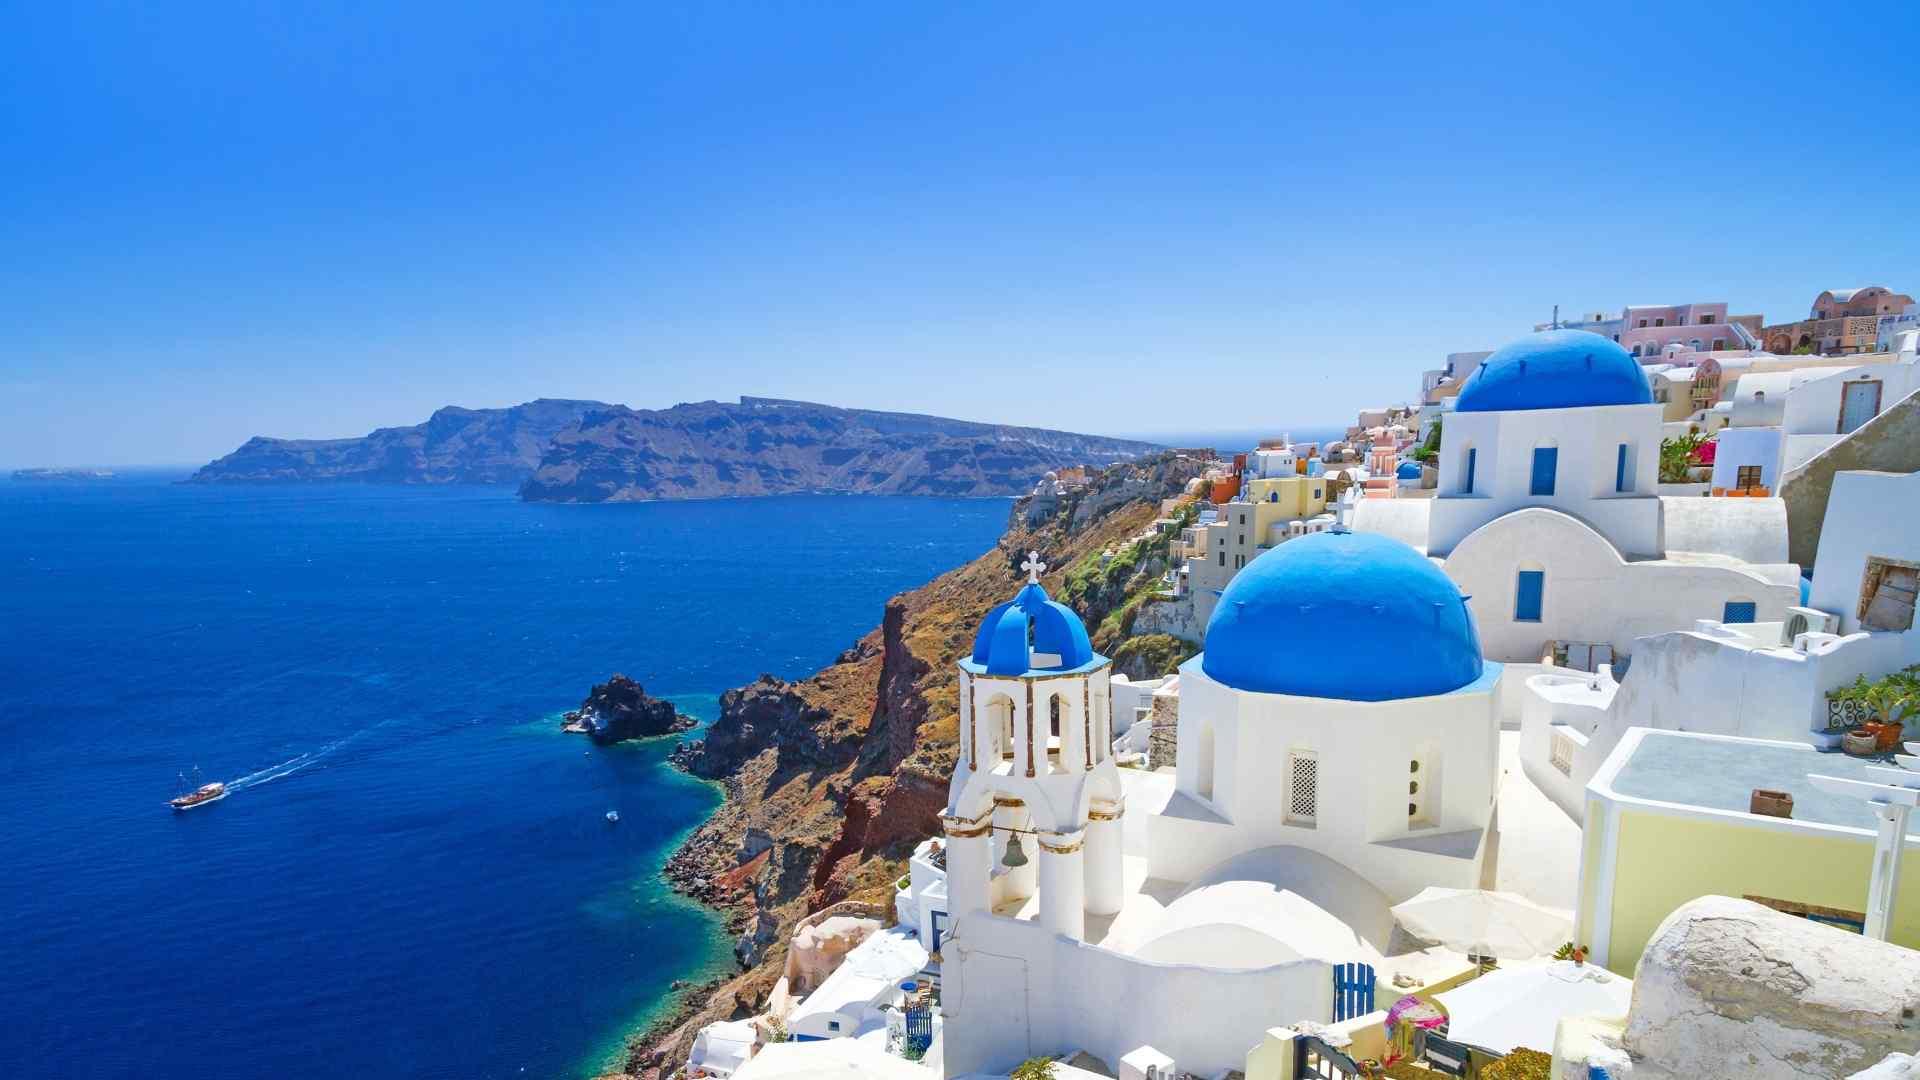 欧美风唯美蓝天风景图片高清桌面壁纸